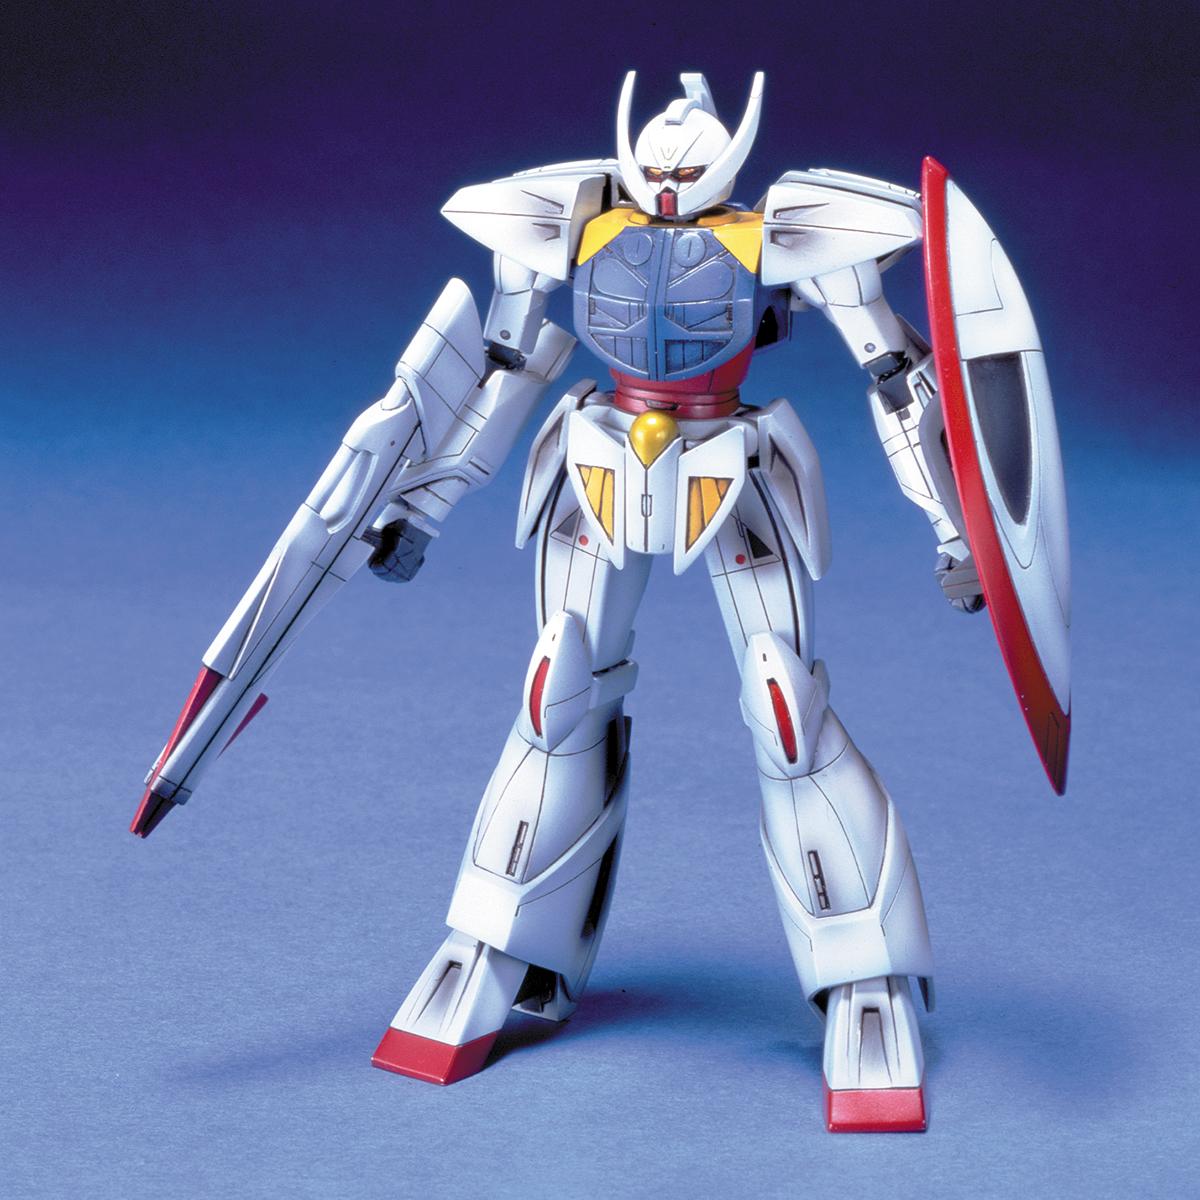 1/144 WD-M01 ターンエーガンダム [∀ Gundam] 4902425725680